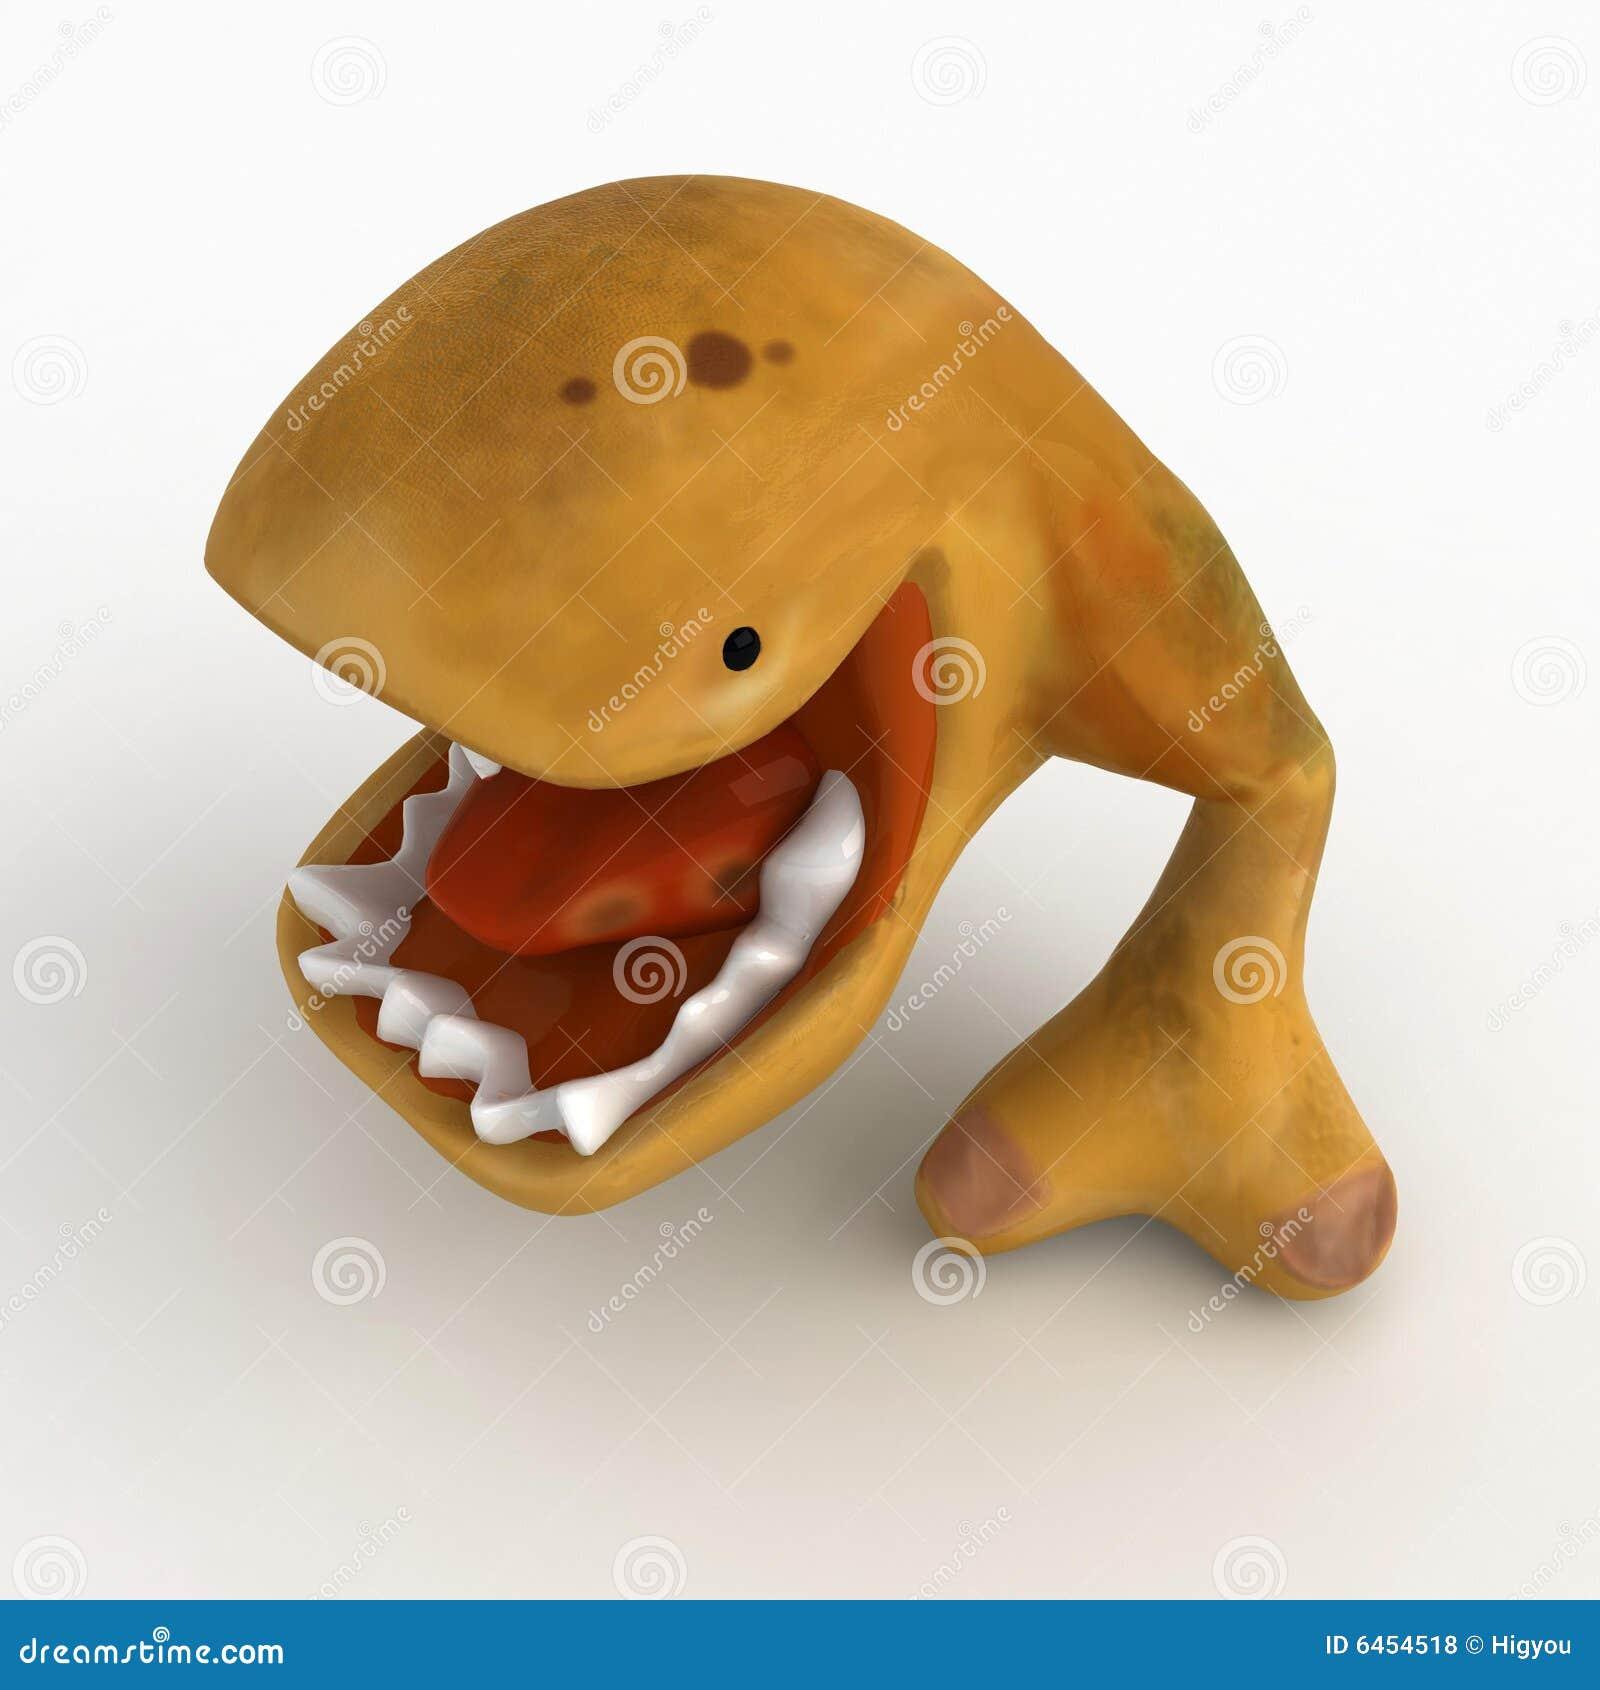 Eater usta otwarte